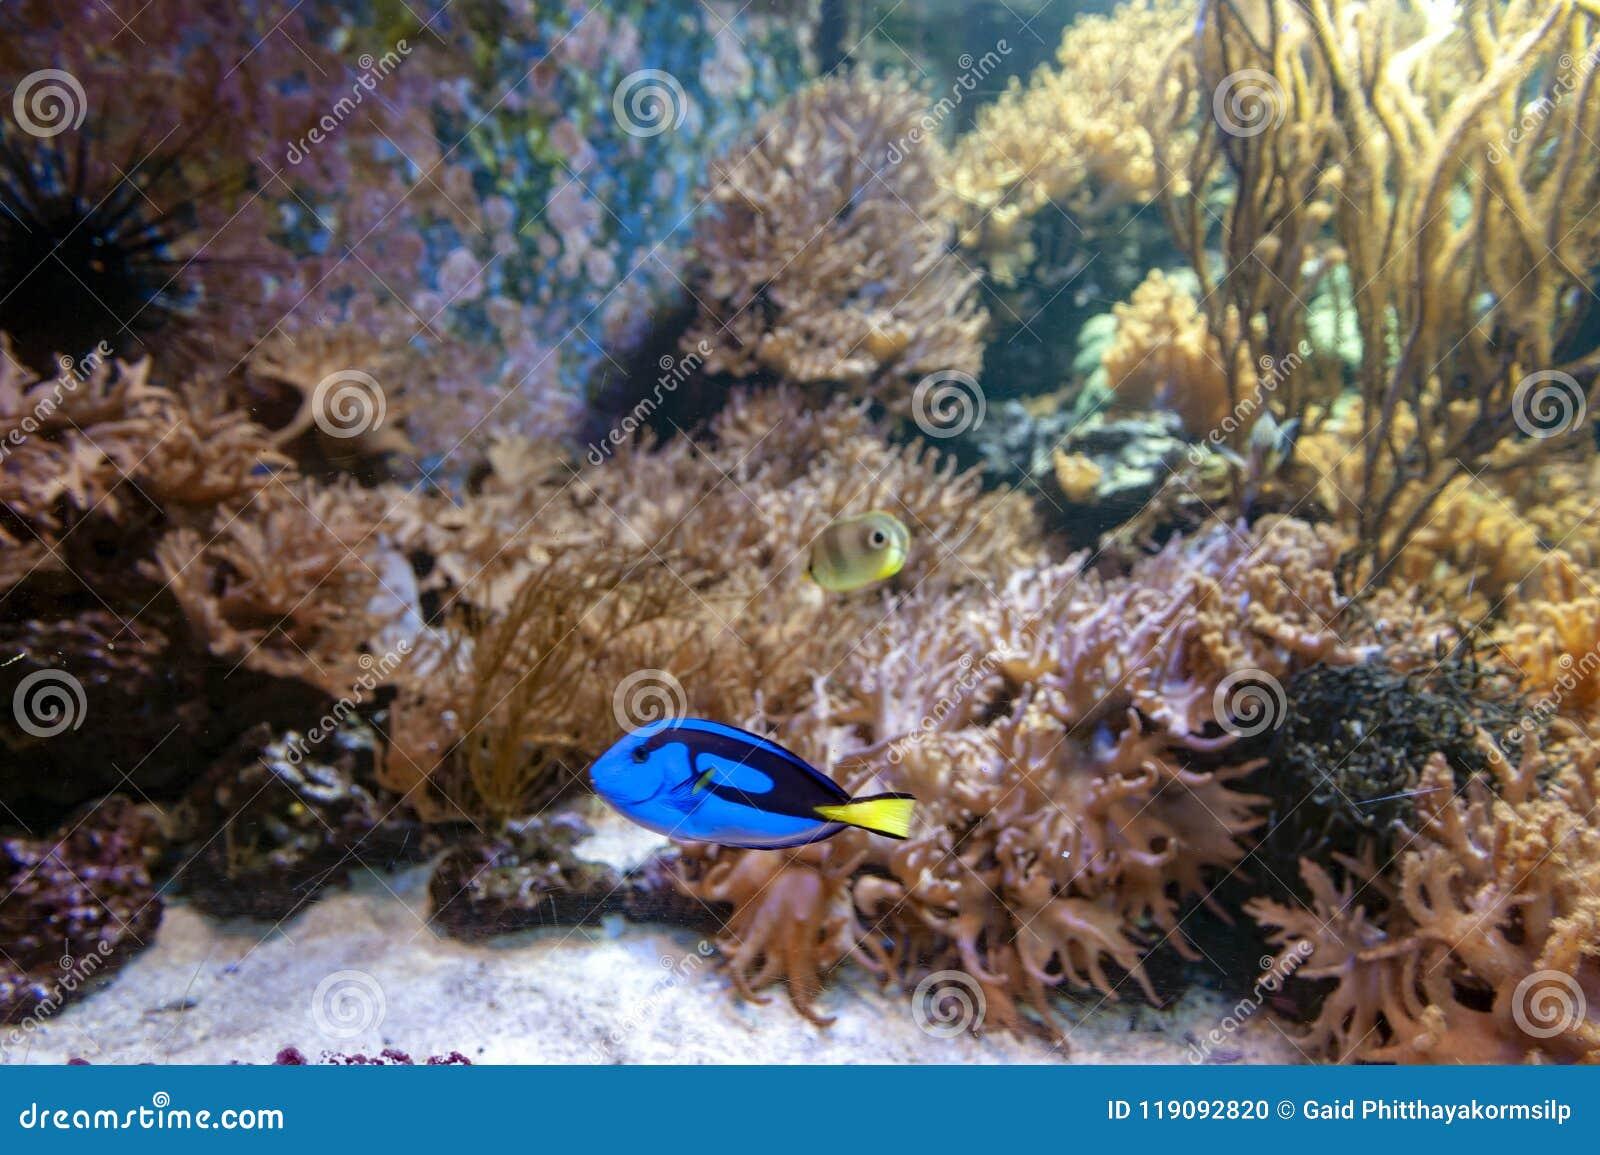 Sabor azul real, surgeonfish de la paleta, o sabor del hipopótamo, un surgeonfish Indo-pacífico de la especie del hepatus de Para